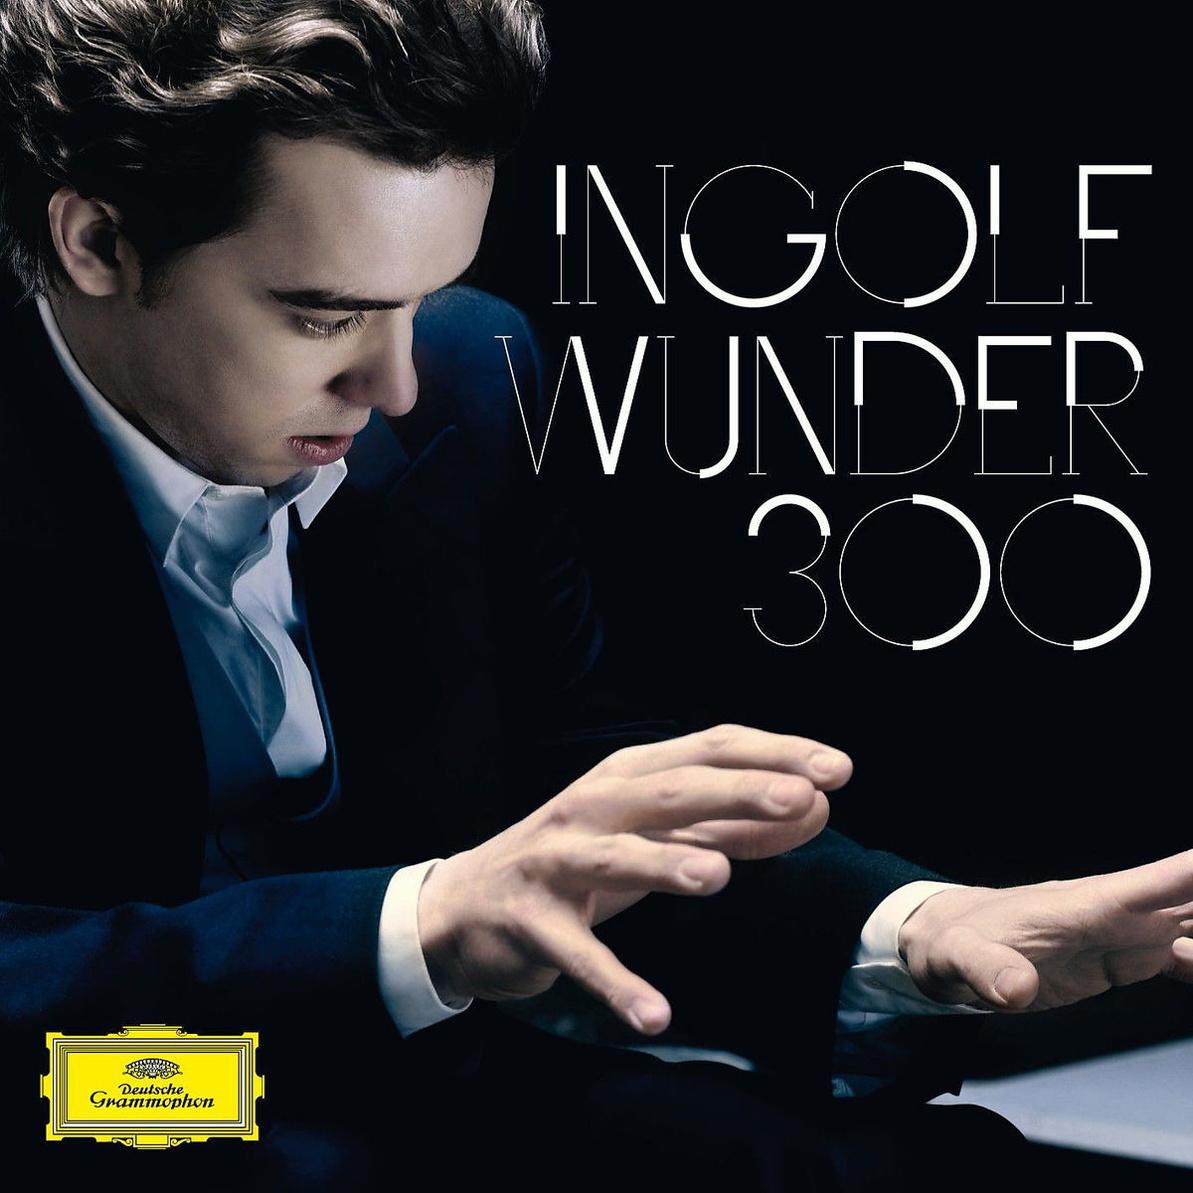 Wunder,Ingolf - 300-300 Jahre Musik